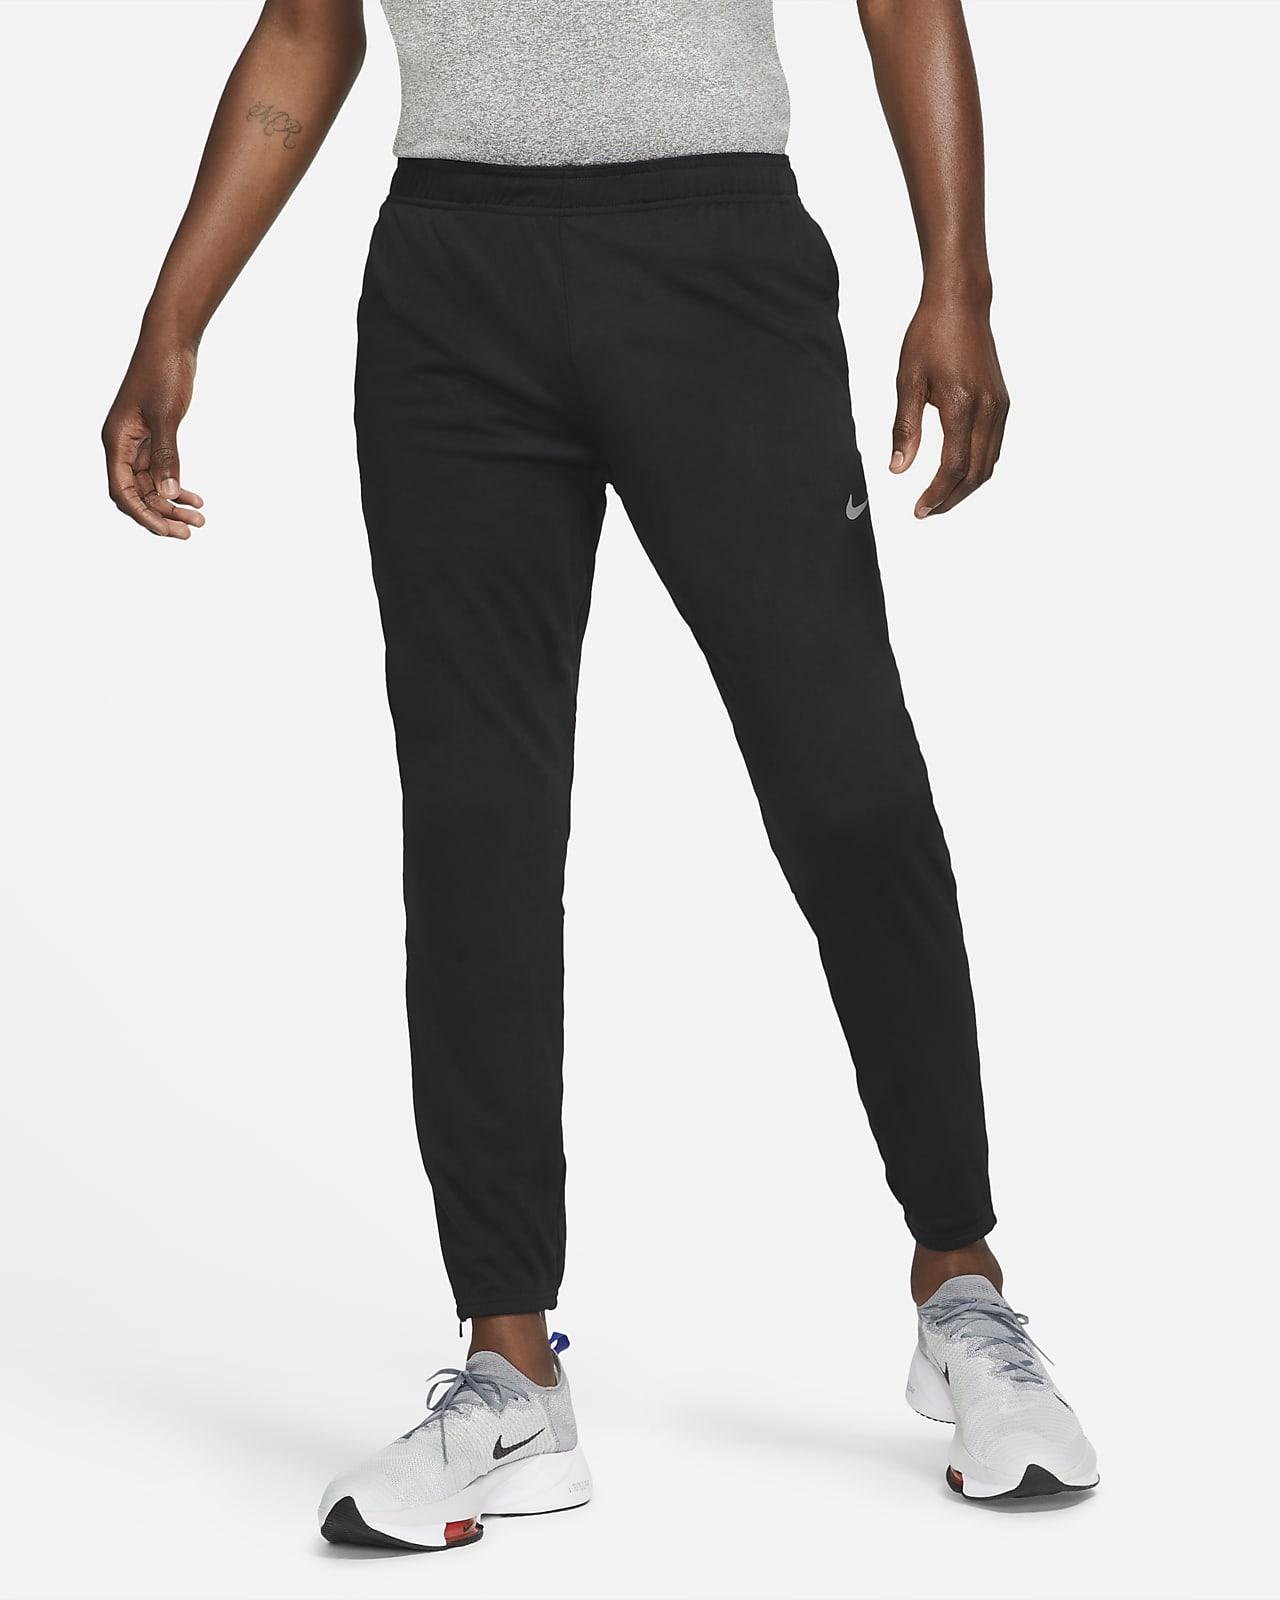 กางเกงวิ่งขายาวแบบถักผู้ชาย Nike Dri-FIT Challenger